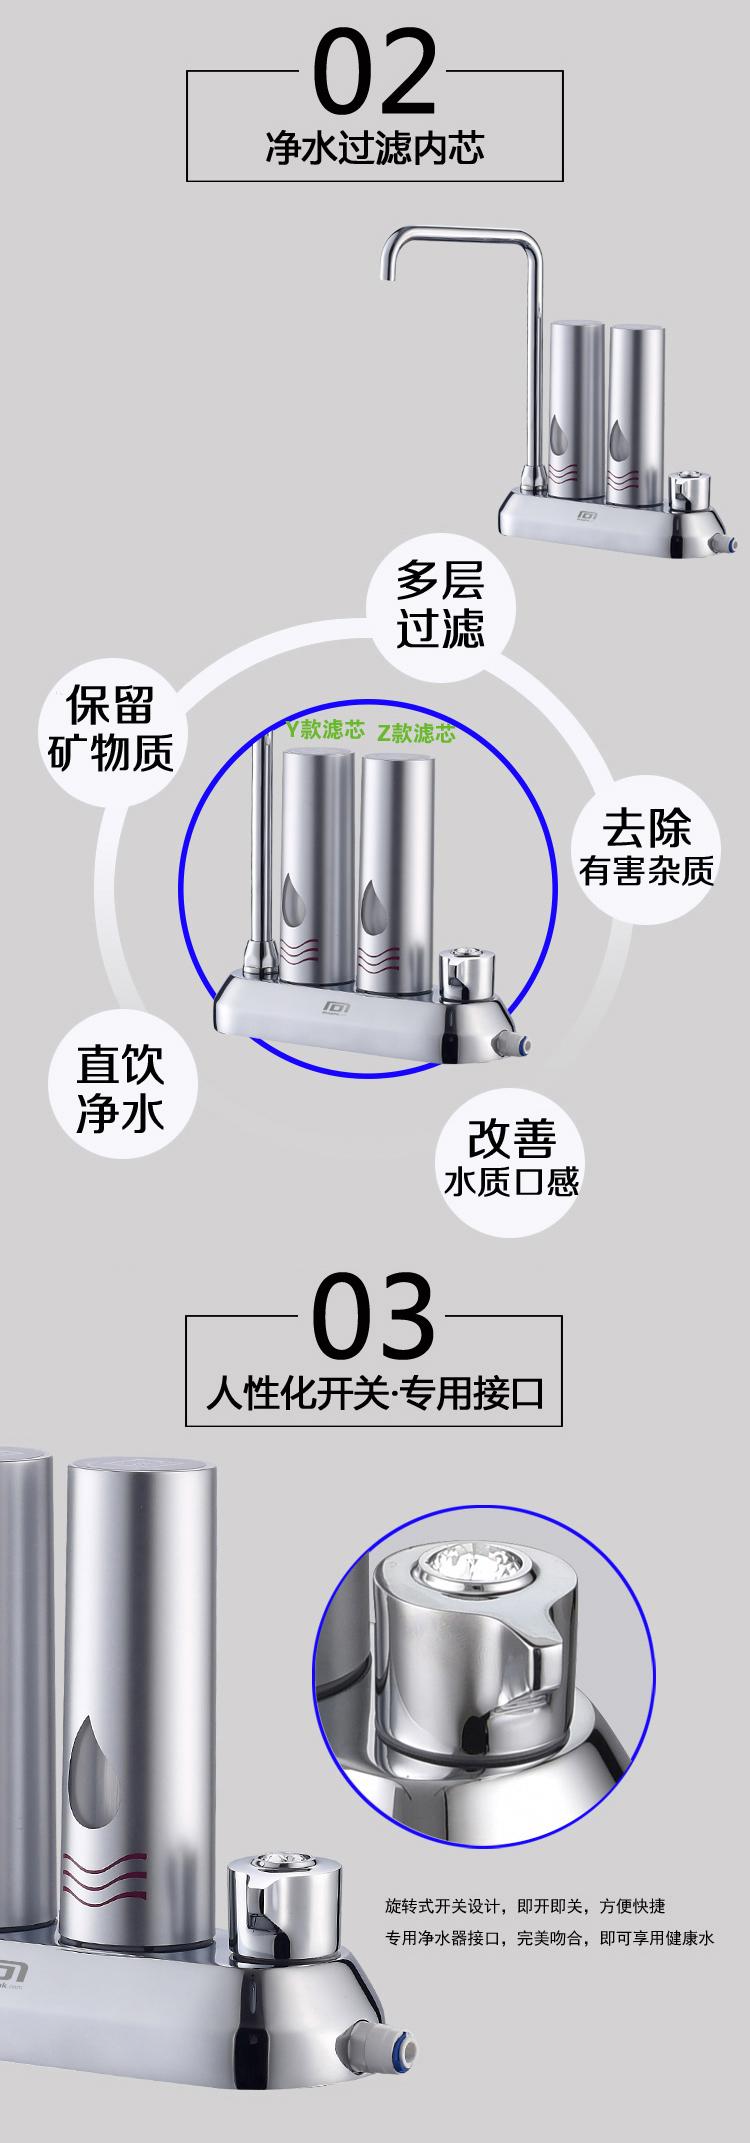 DM-A3-详情_03.jpg